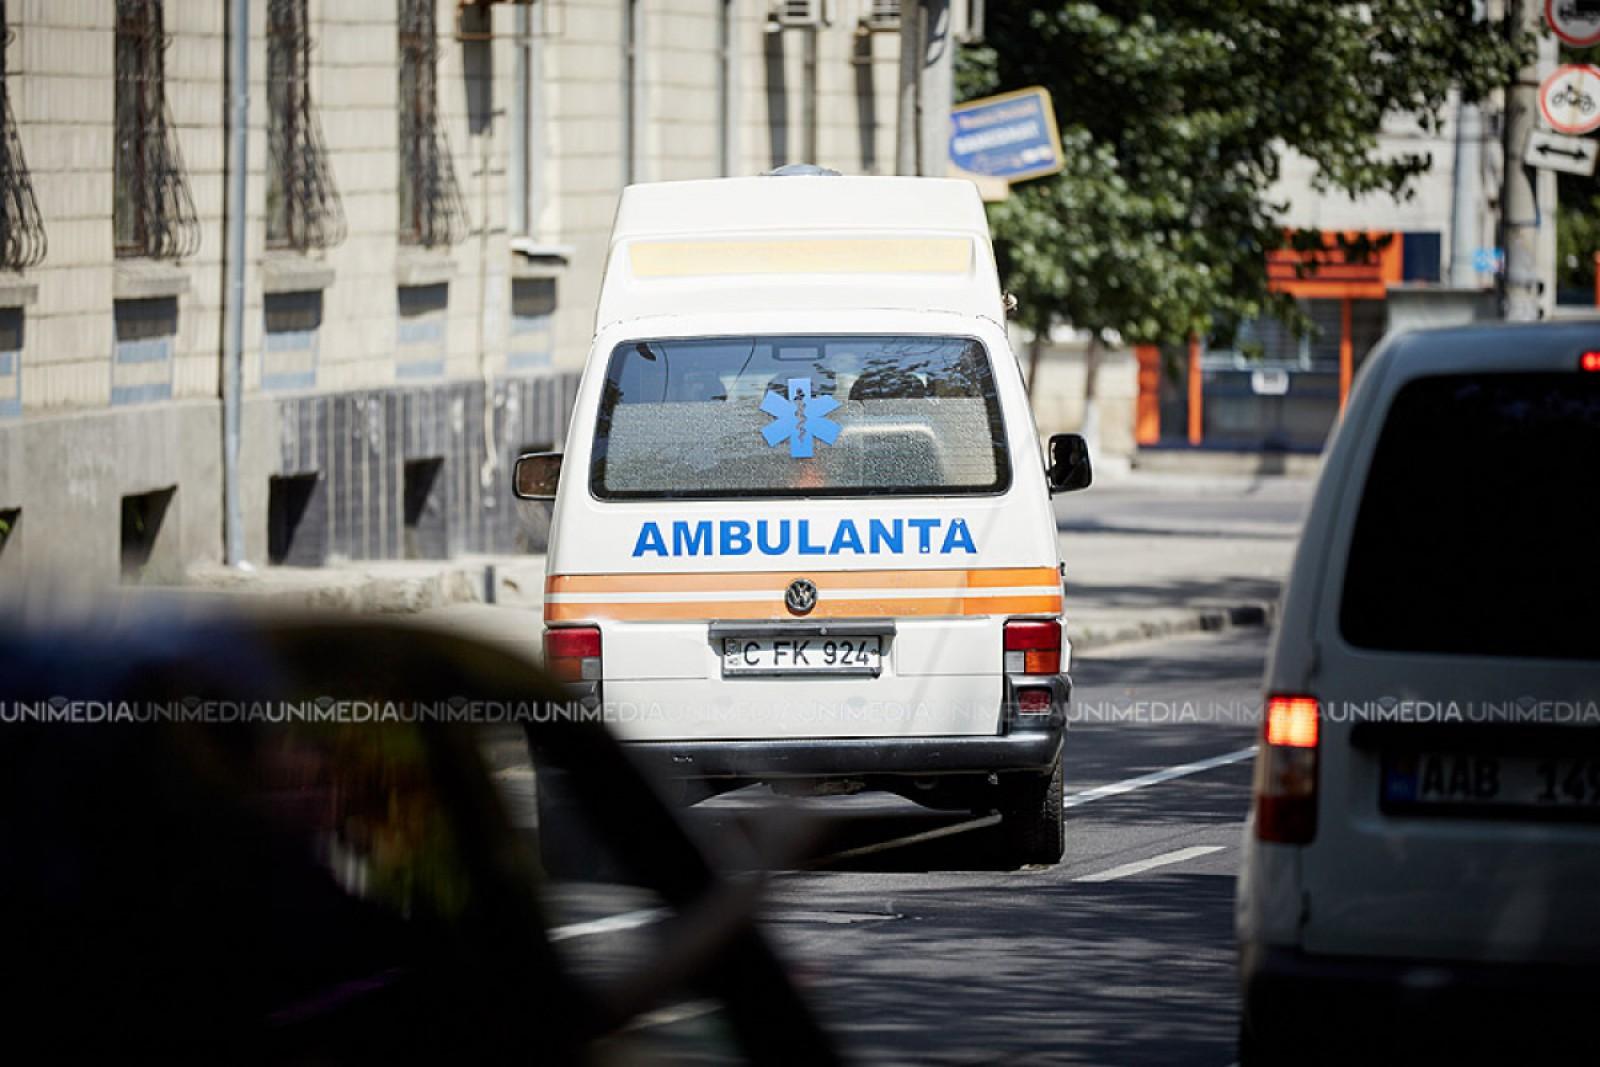 170 de ambulanțe noi vor fi procurate dintr-un împrumut de 12 milioane de euro de la Banca de Dezvoltare a Consiliului Europei